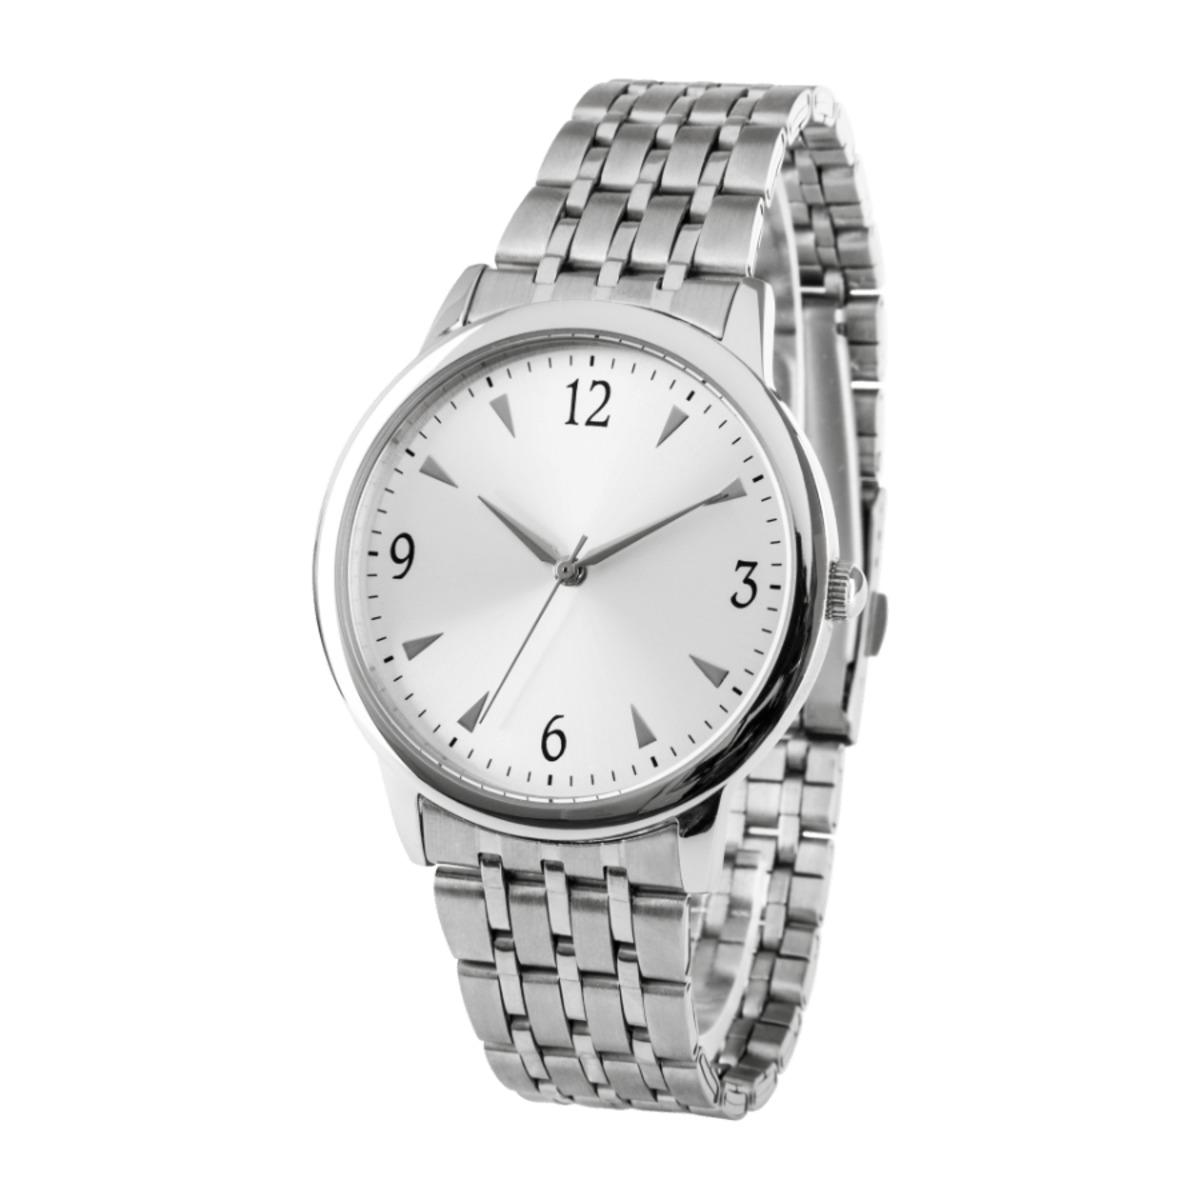 Bild 5 von KRONTALER     Slim Line Armbanduhr